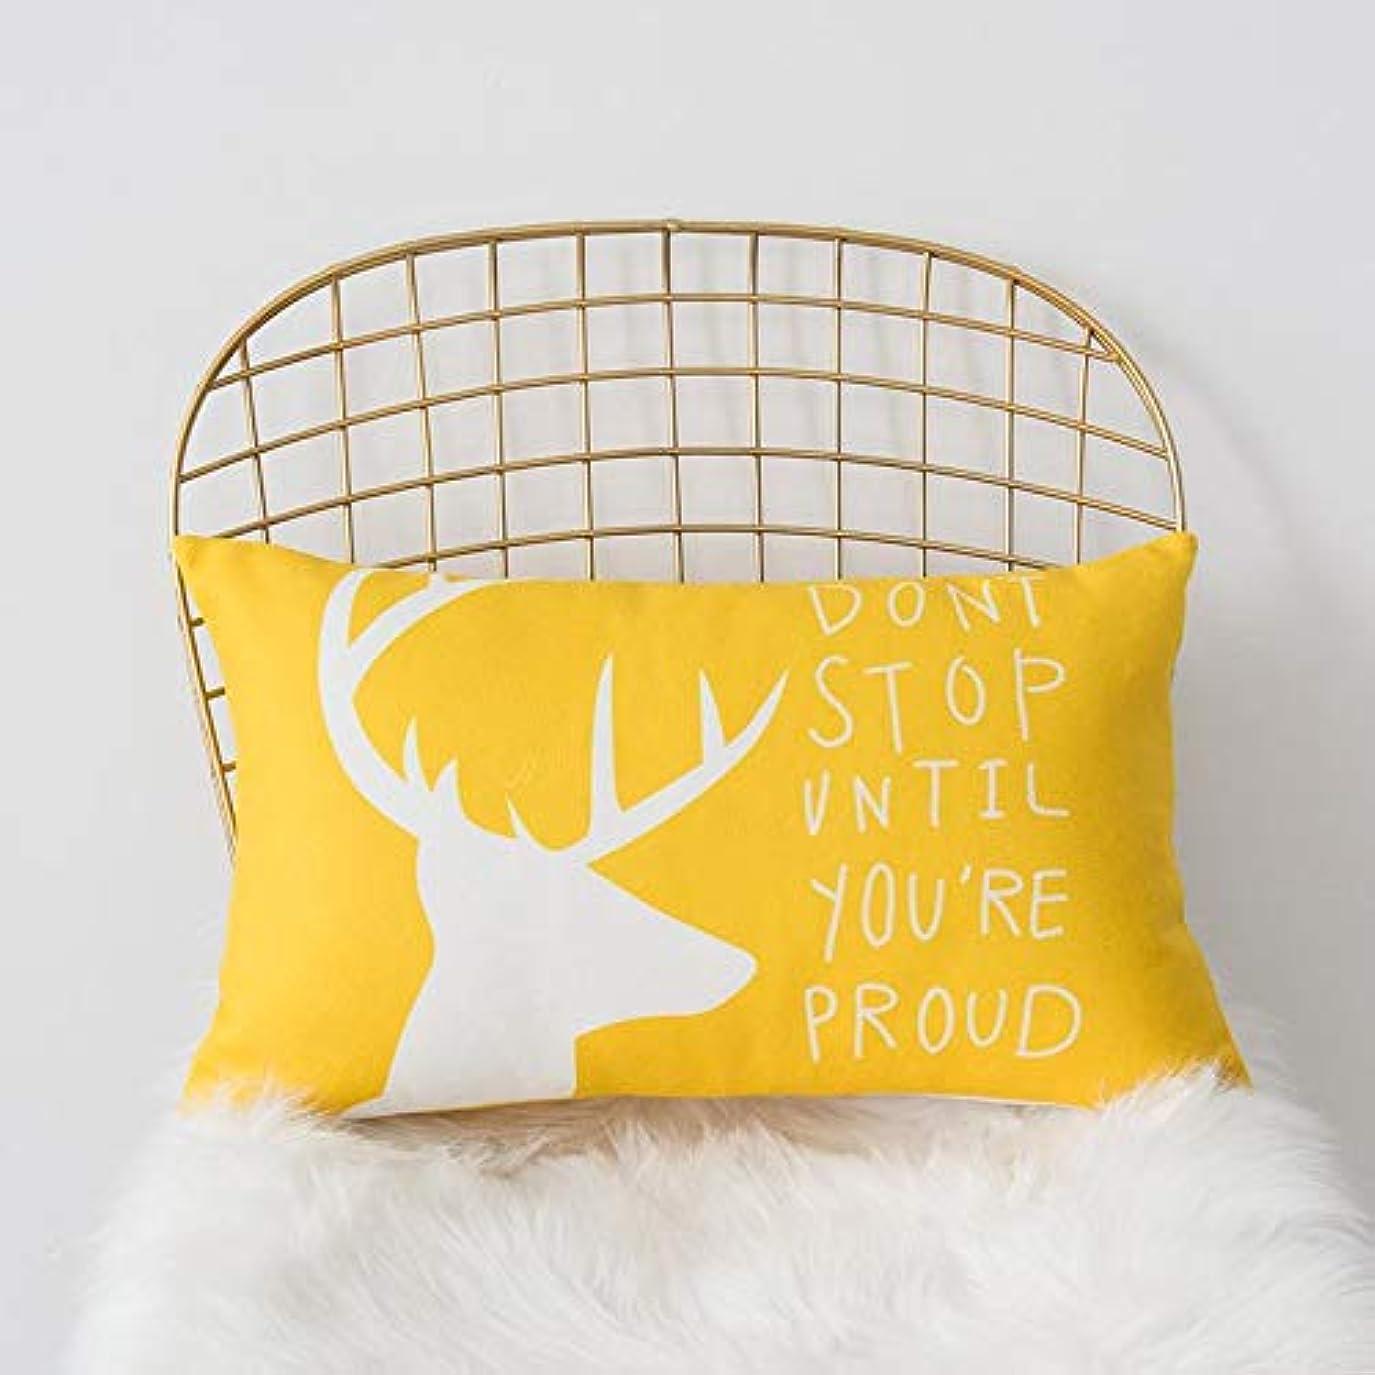 引き付ける一般化するミネラルLIFE 黄色グレー枕北欧スタイル黄色ヘラジカ幾何枕リビングルームのインテリアソファクッション Cojines 装飾良質 クッション 椅子